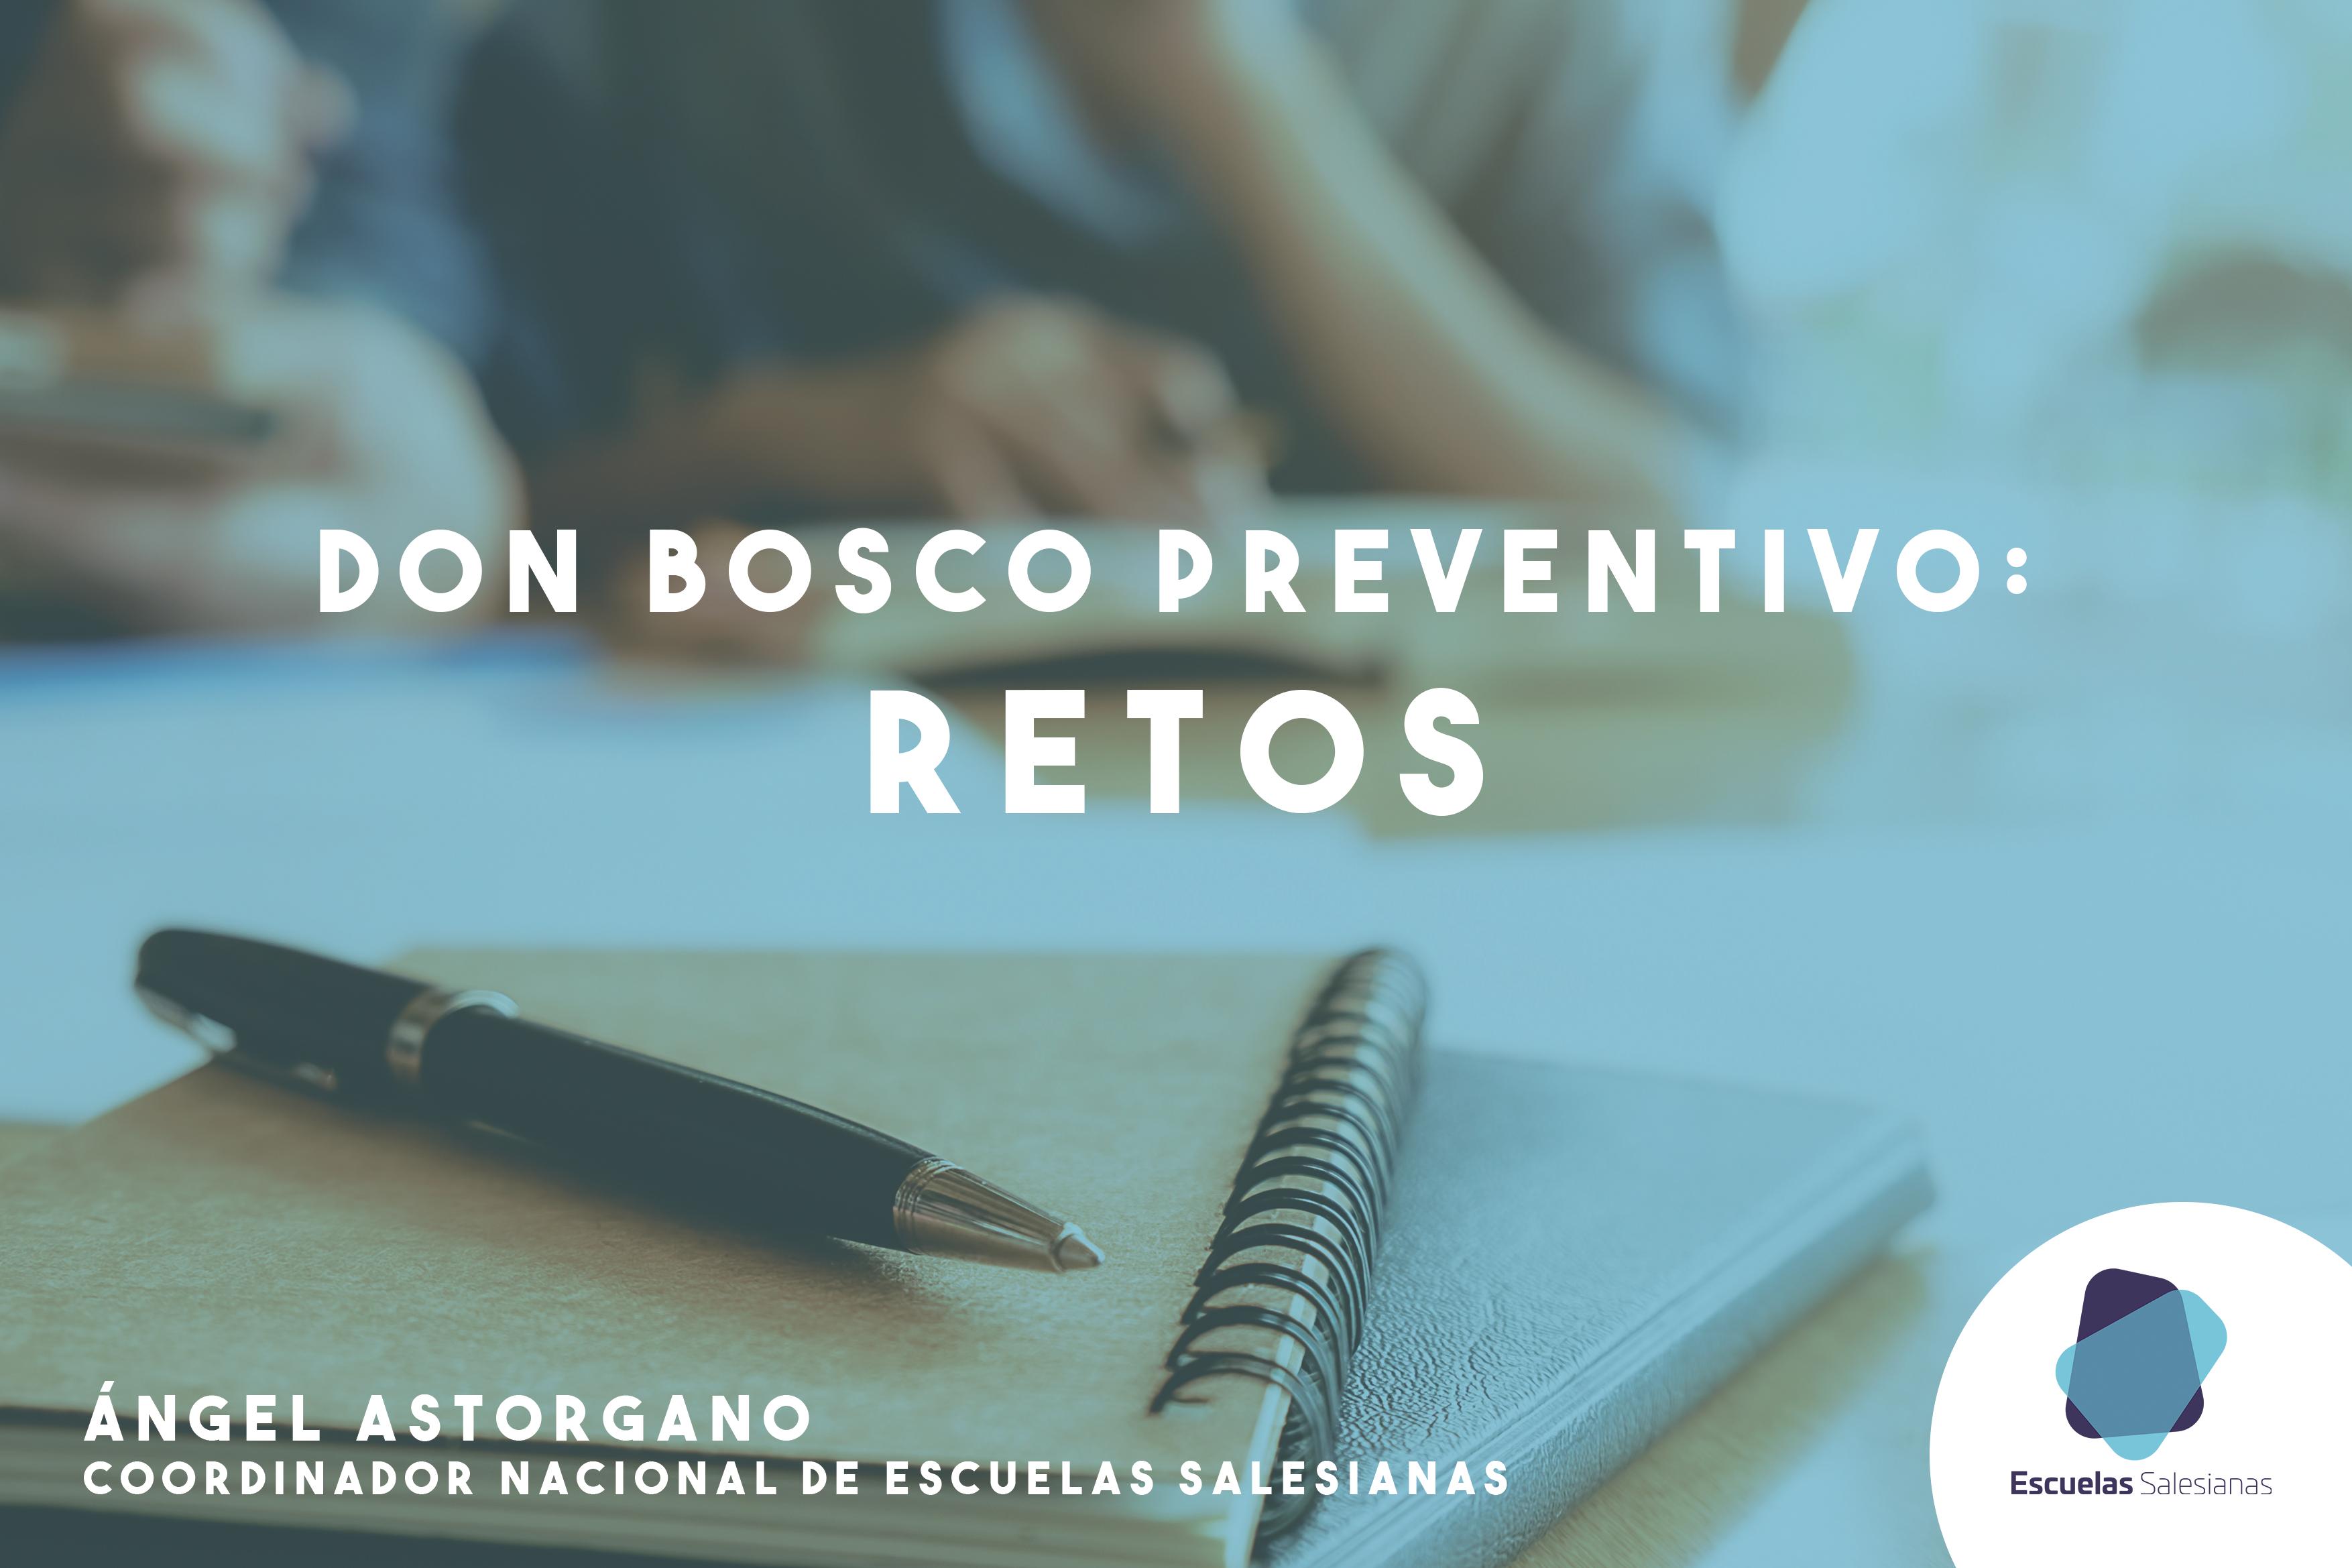 Don Bosco preventivo: retos